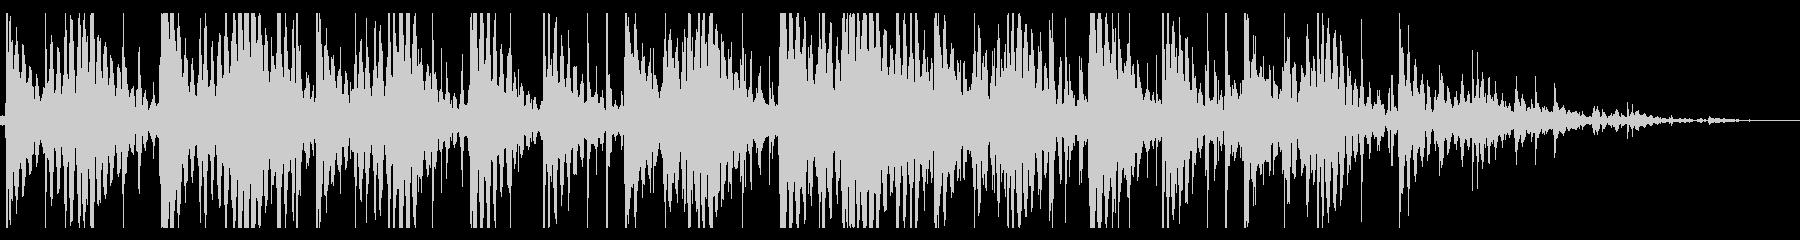 寂しいローファイヒップホップ_391_3の未再生の波形